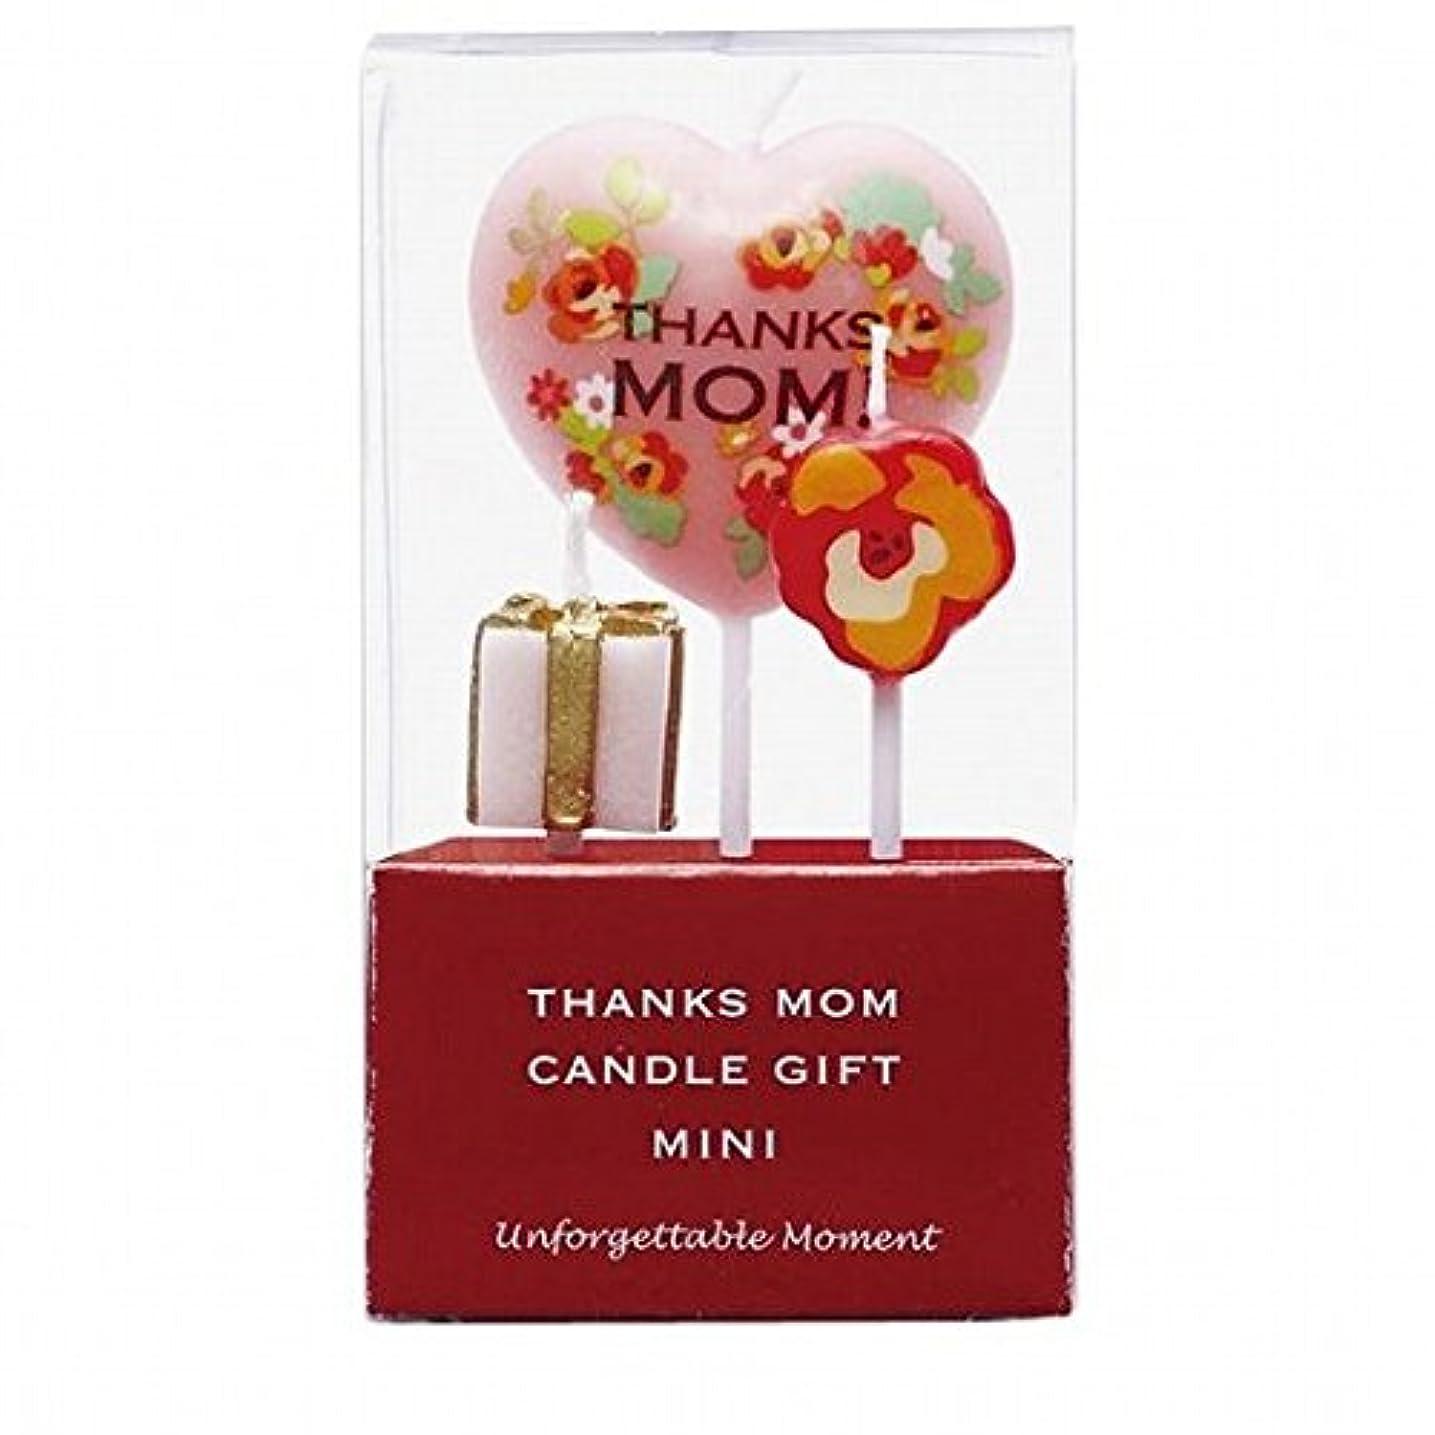 レンディション引っ張るレビューkameyama candle(カメヤマキャンドル) おかあさんありがとうキャンドルギフトミニ(55350090)